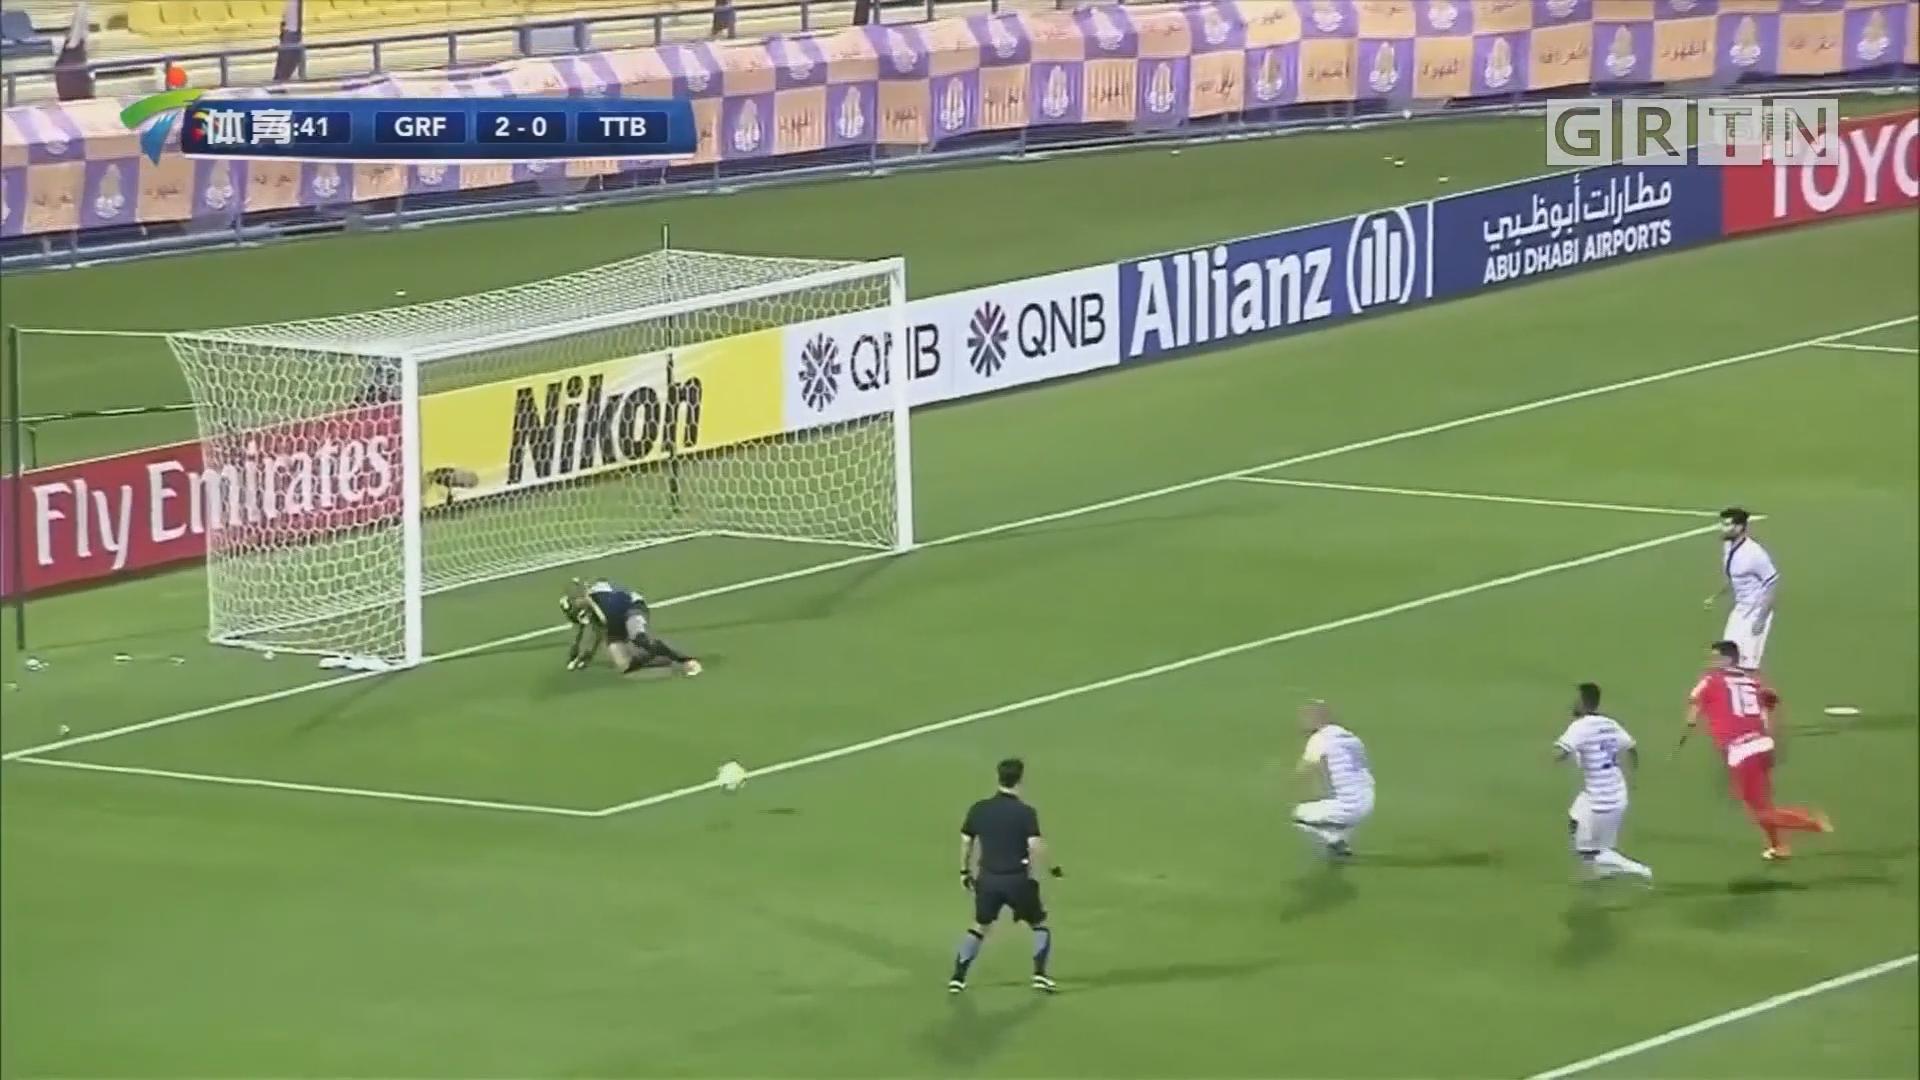 巴萨将迎切尔西 梅西欲破进球荒